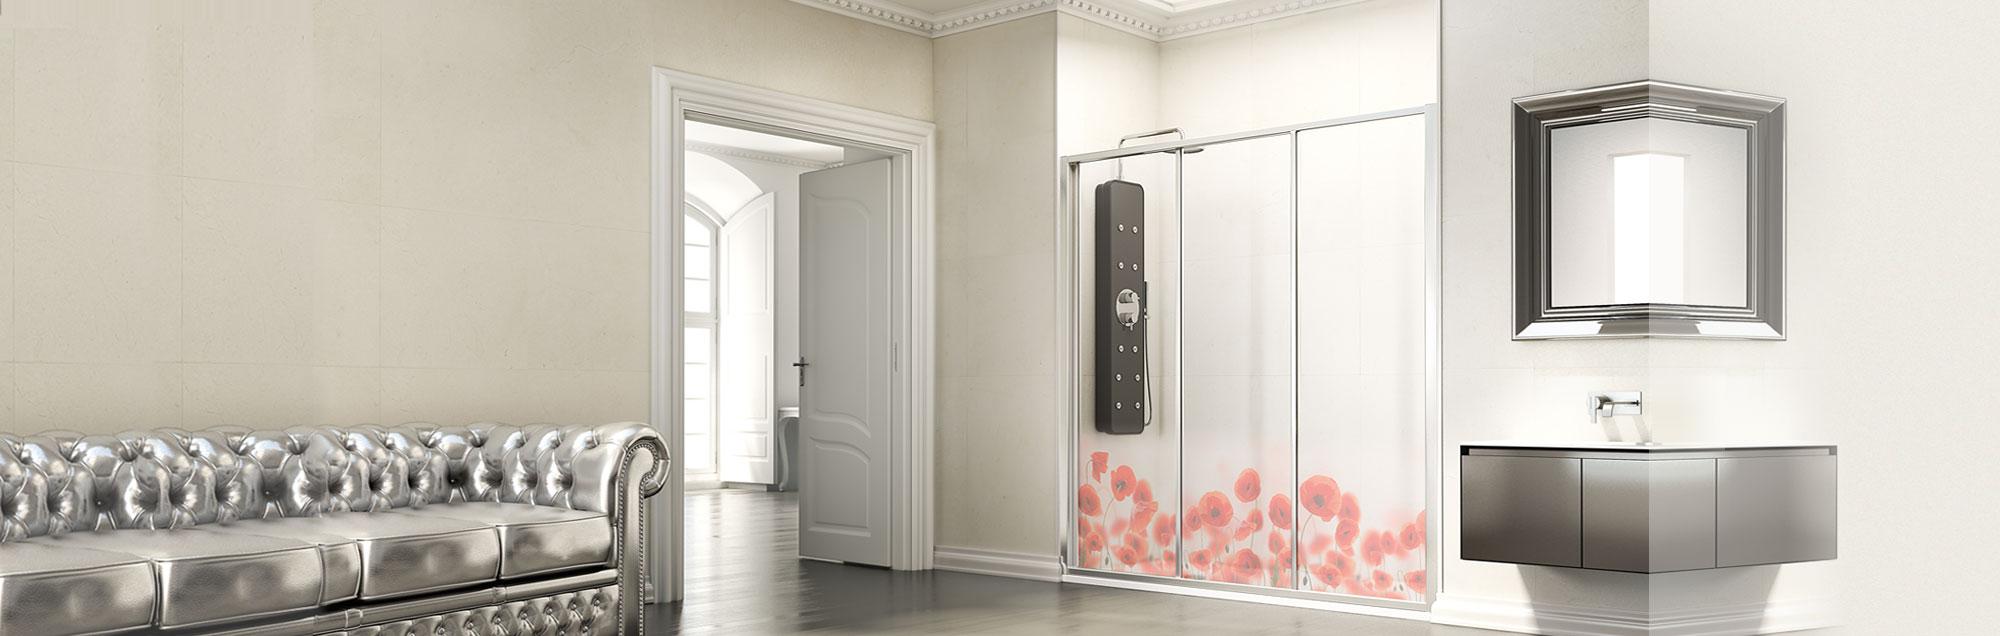 Serie Ecodux di box doccia scorrevoli su misura